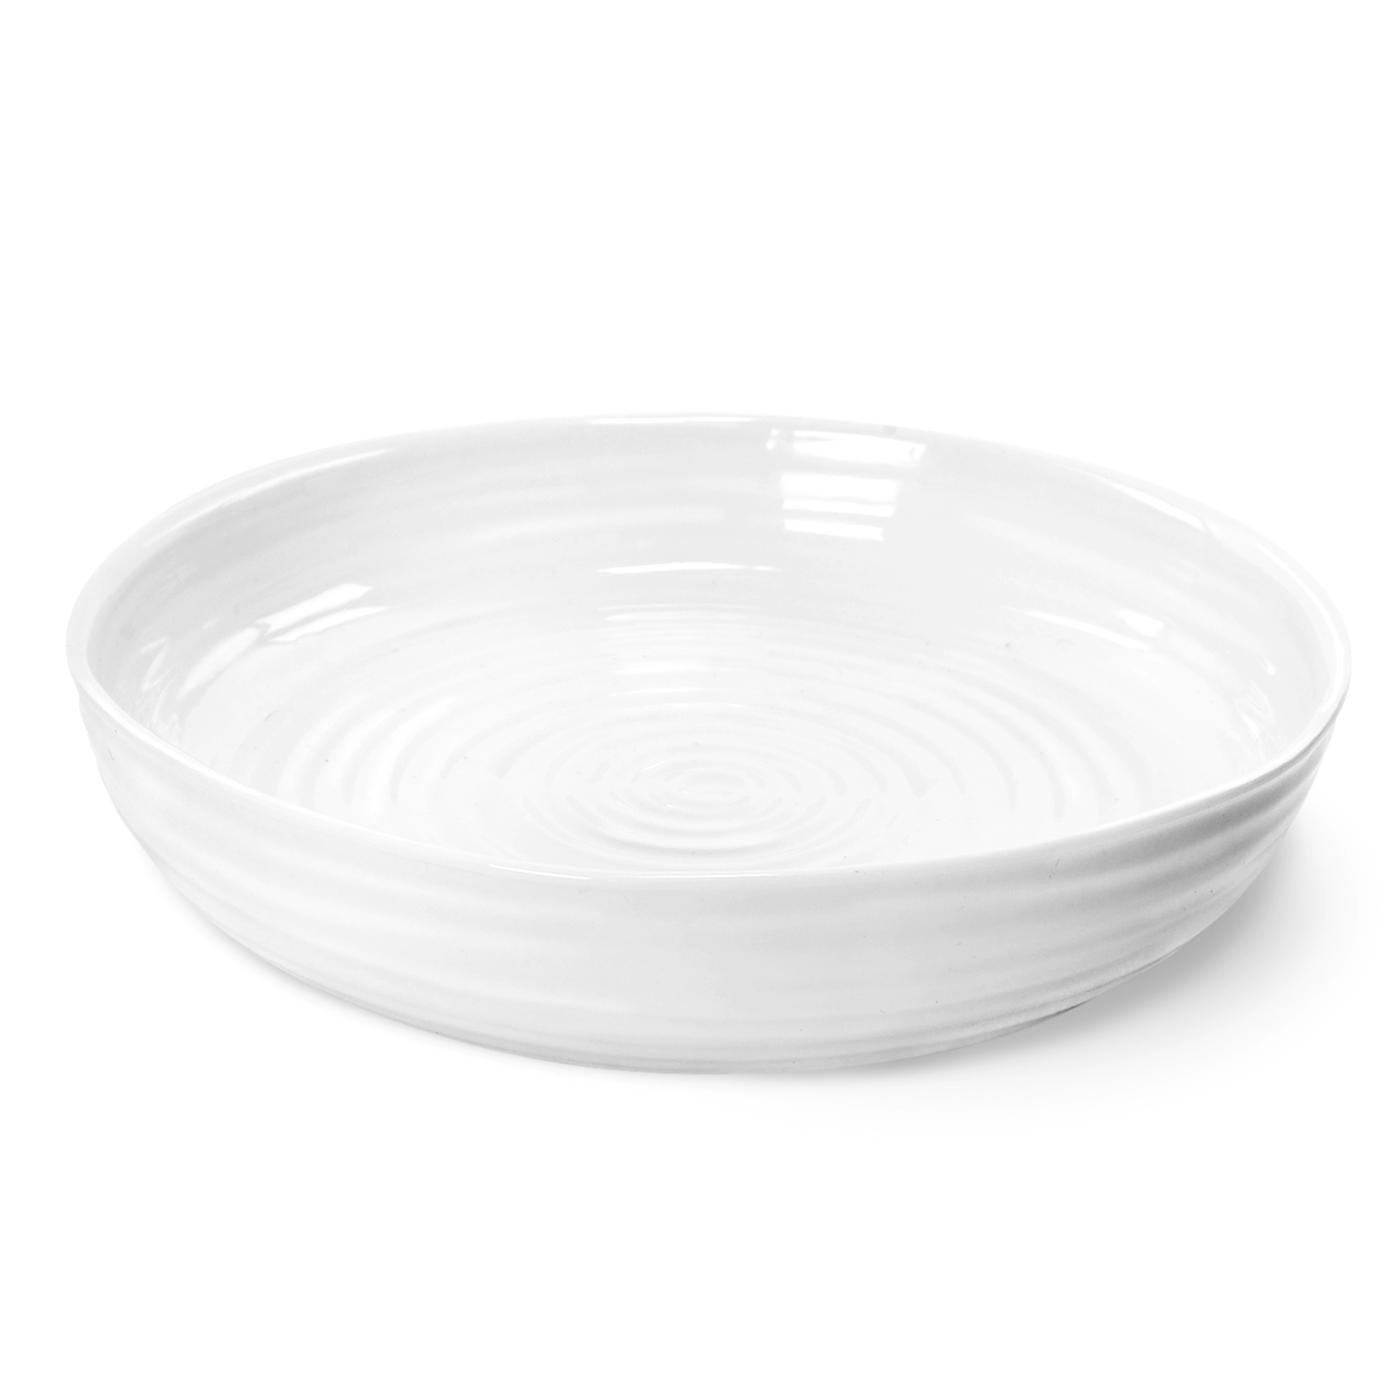 Portmeirion Sophie Conran White Round Roasting Dish